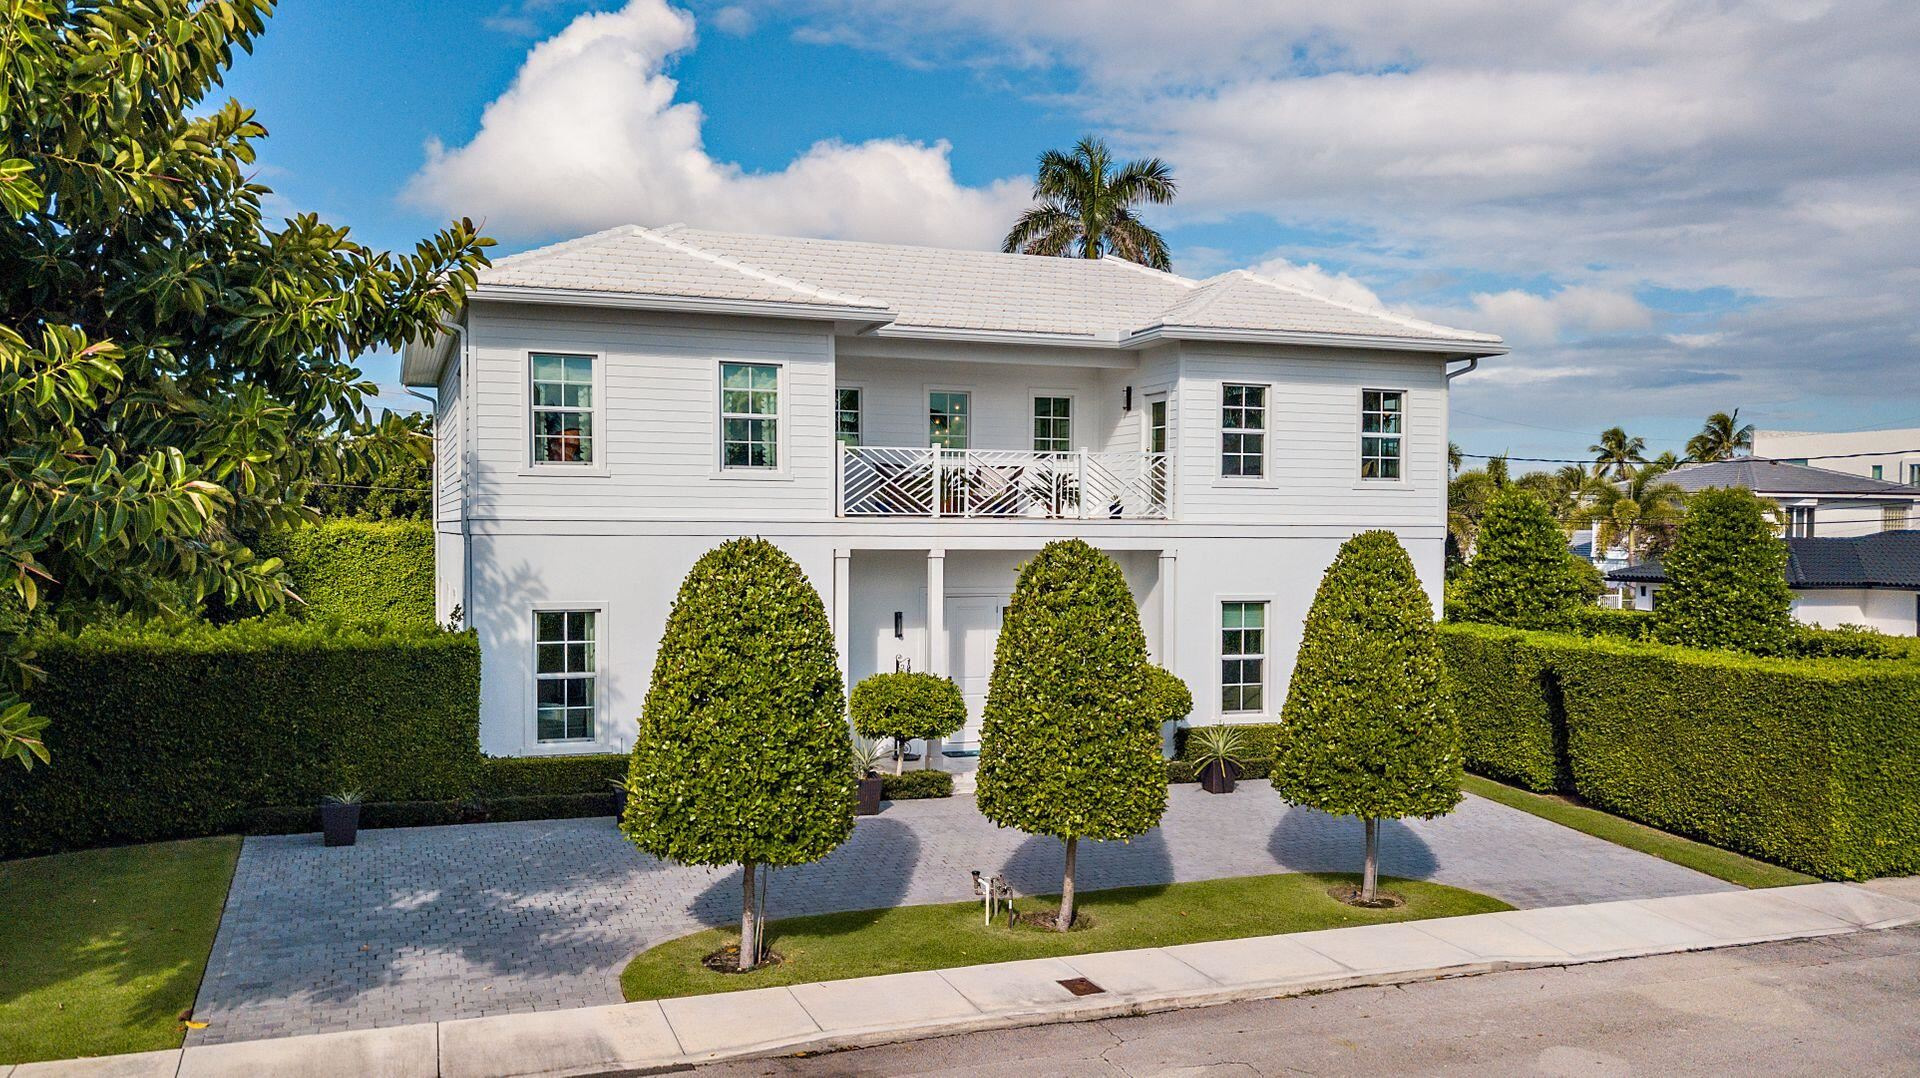 7919 Flagler Court, West Palm Beach, FL 33405 - MLS#: RX-10753672